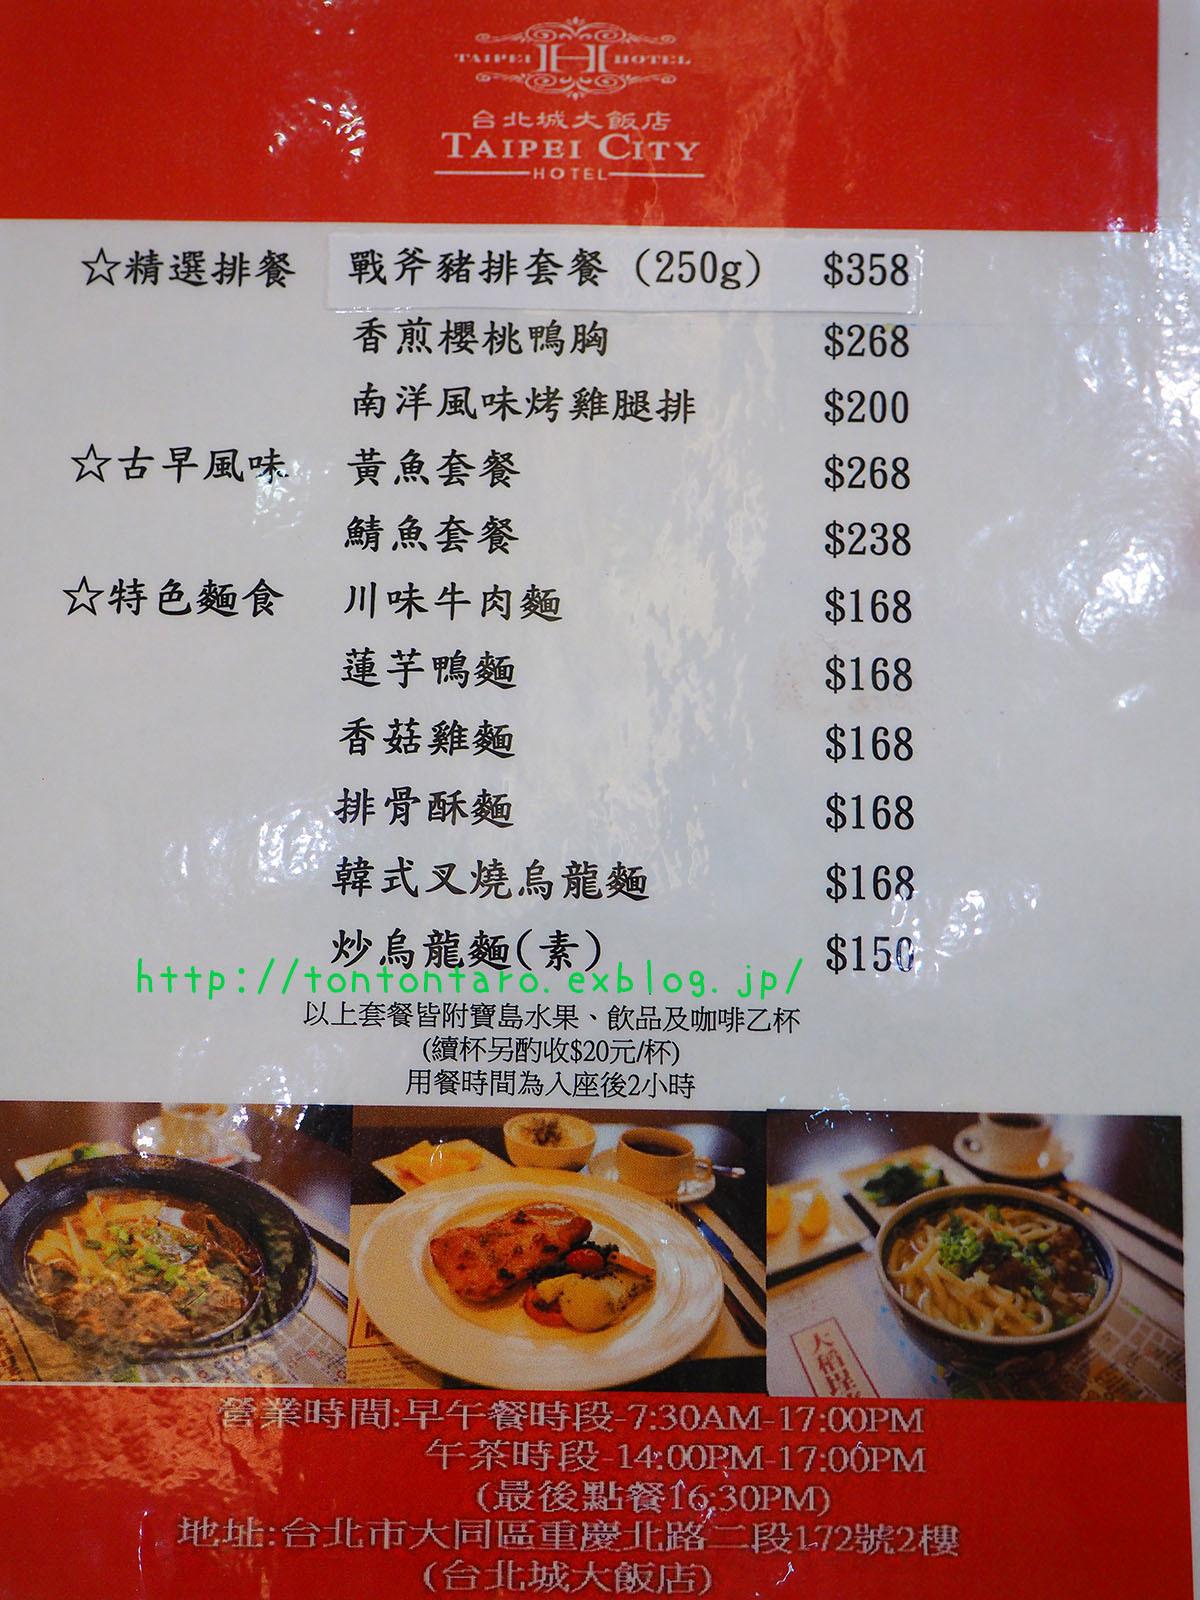 生まれ変わった台北城大飯店2樓、「大稻埕風味餐廳」のお値打ち感は異常(再び)_a0112888_04481211.jpg